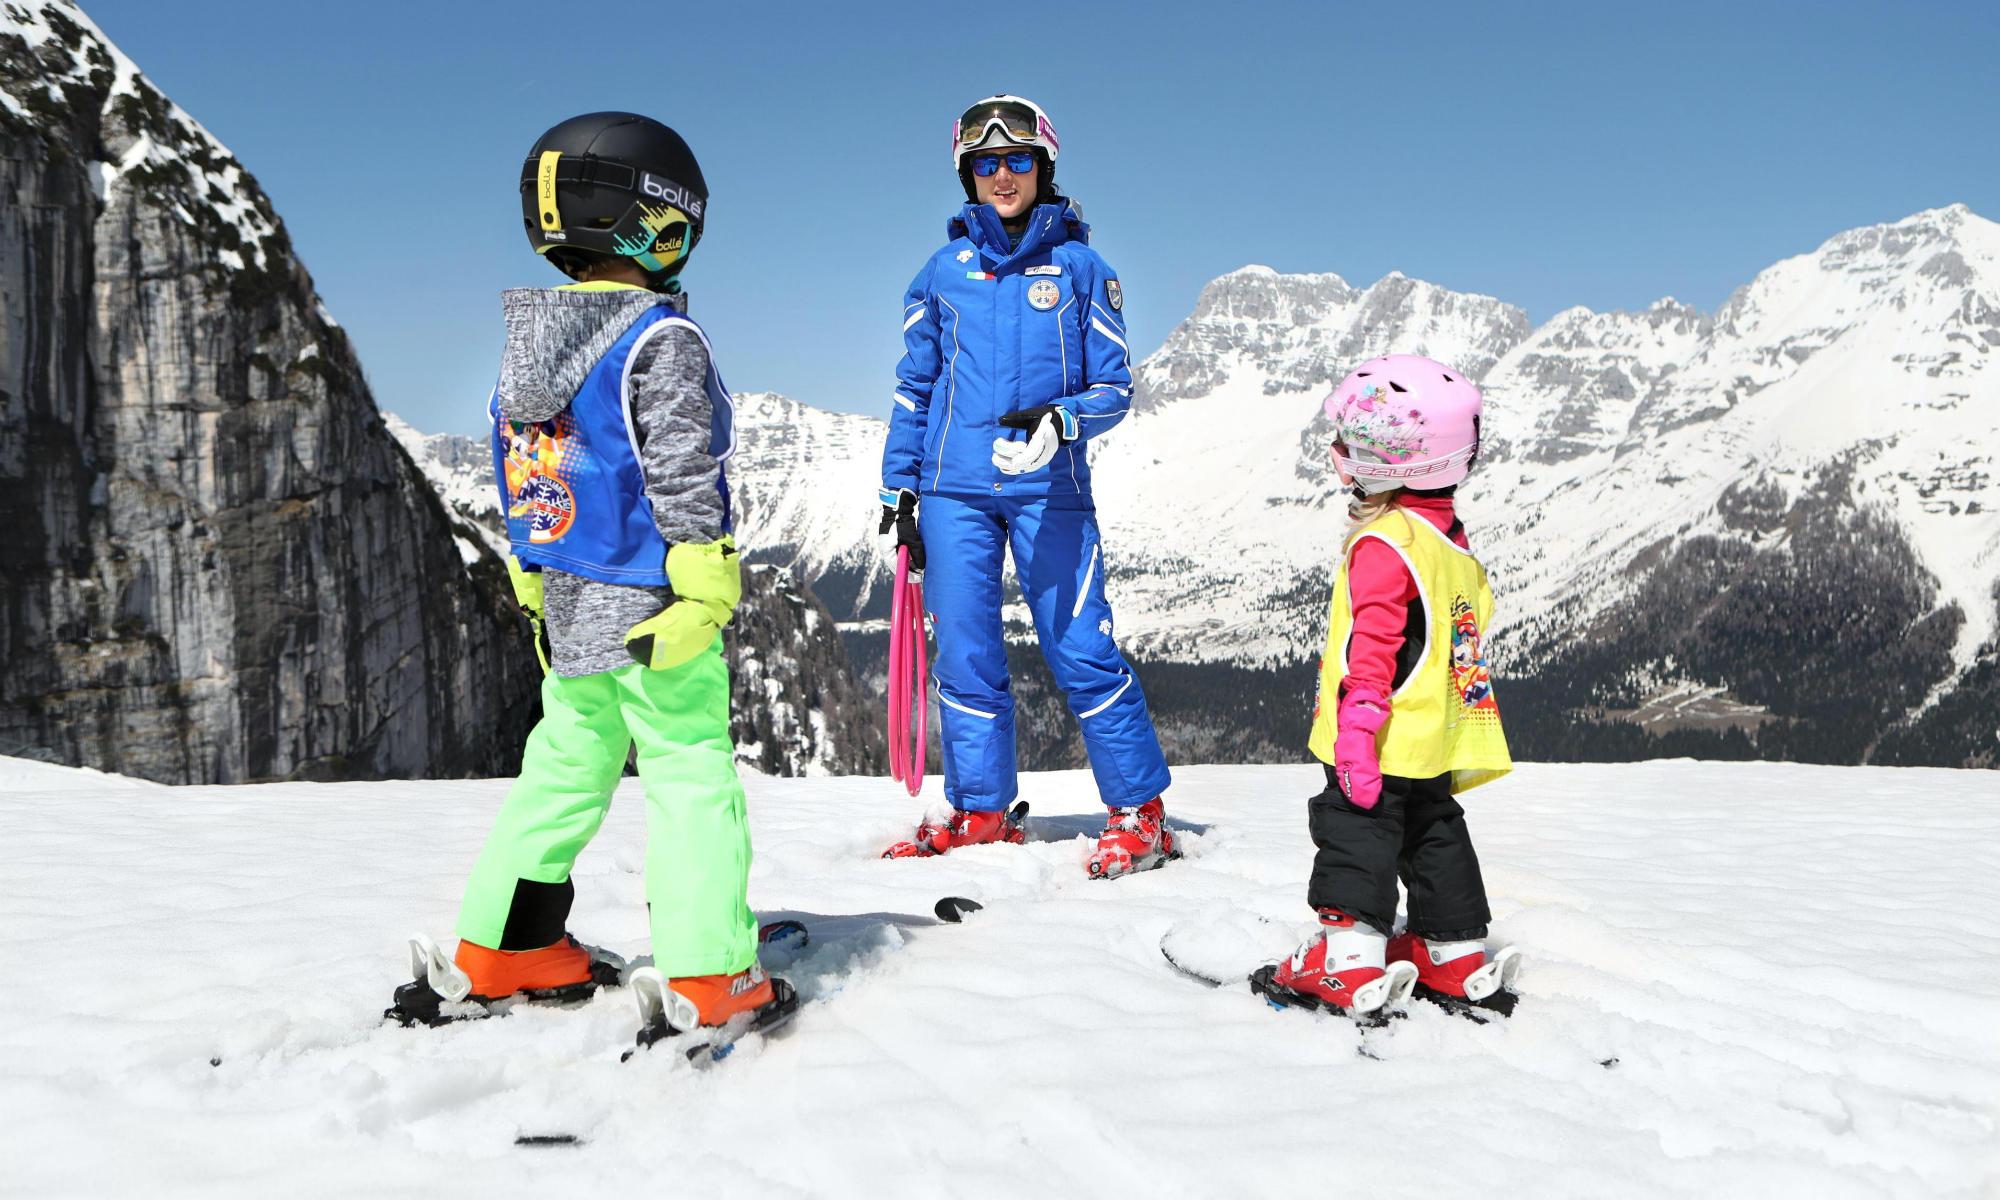 Eine Skilehrerin erklärt 2 Kindern die Skitechnik auf einer sonnigen Piste in Madonna di Campiglio.